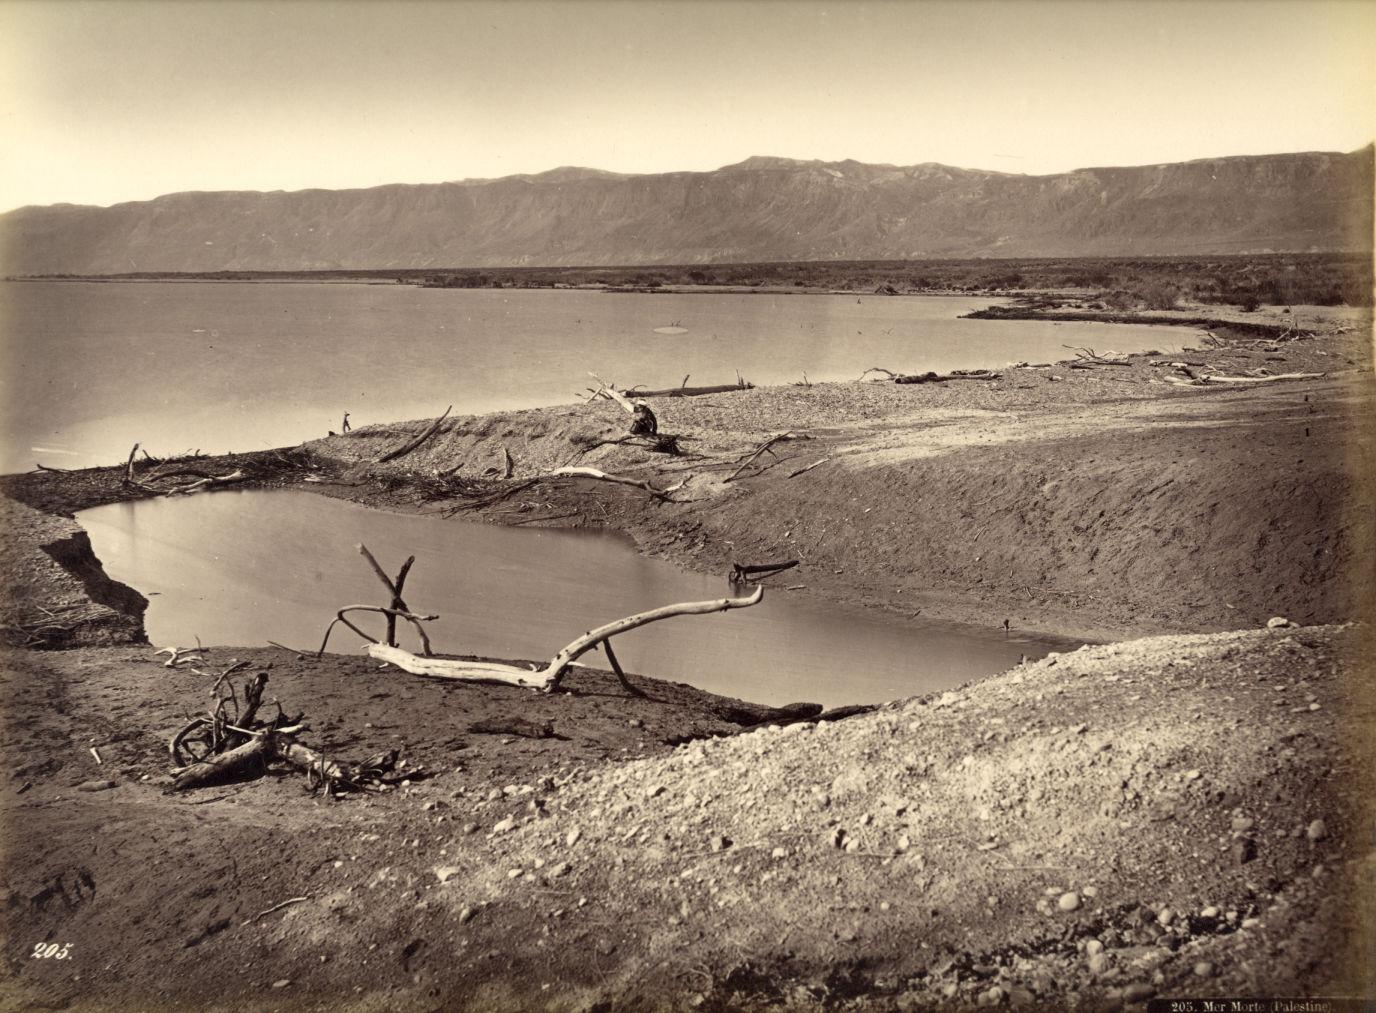 Bonfils, un photographe en Orient -Vue de la Mer Morte Palestine vers 1880